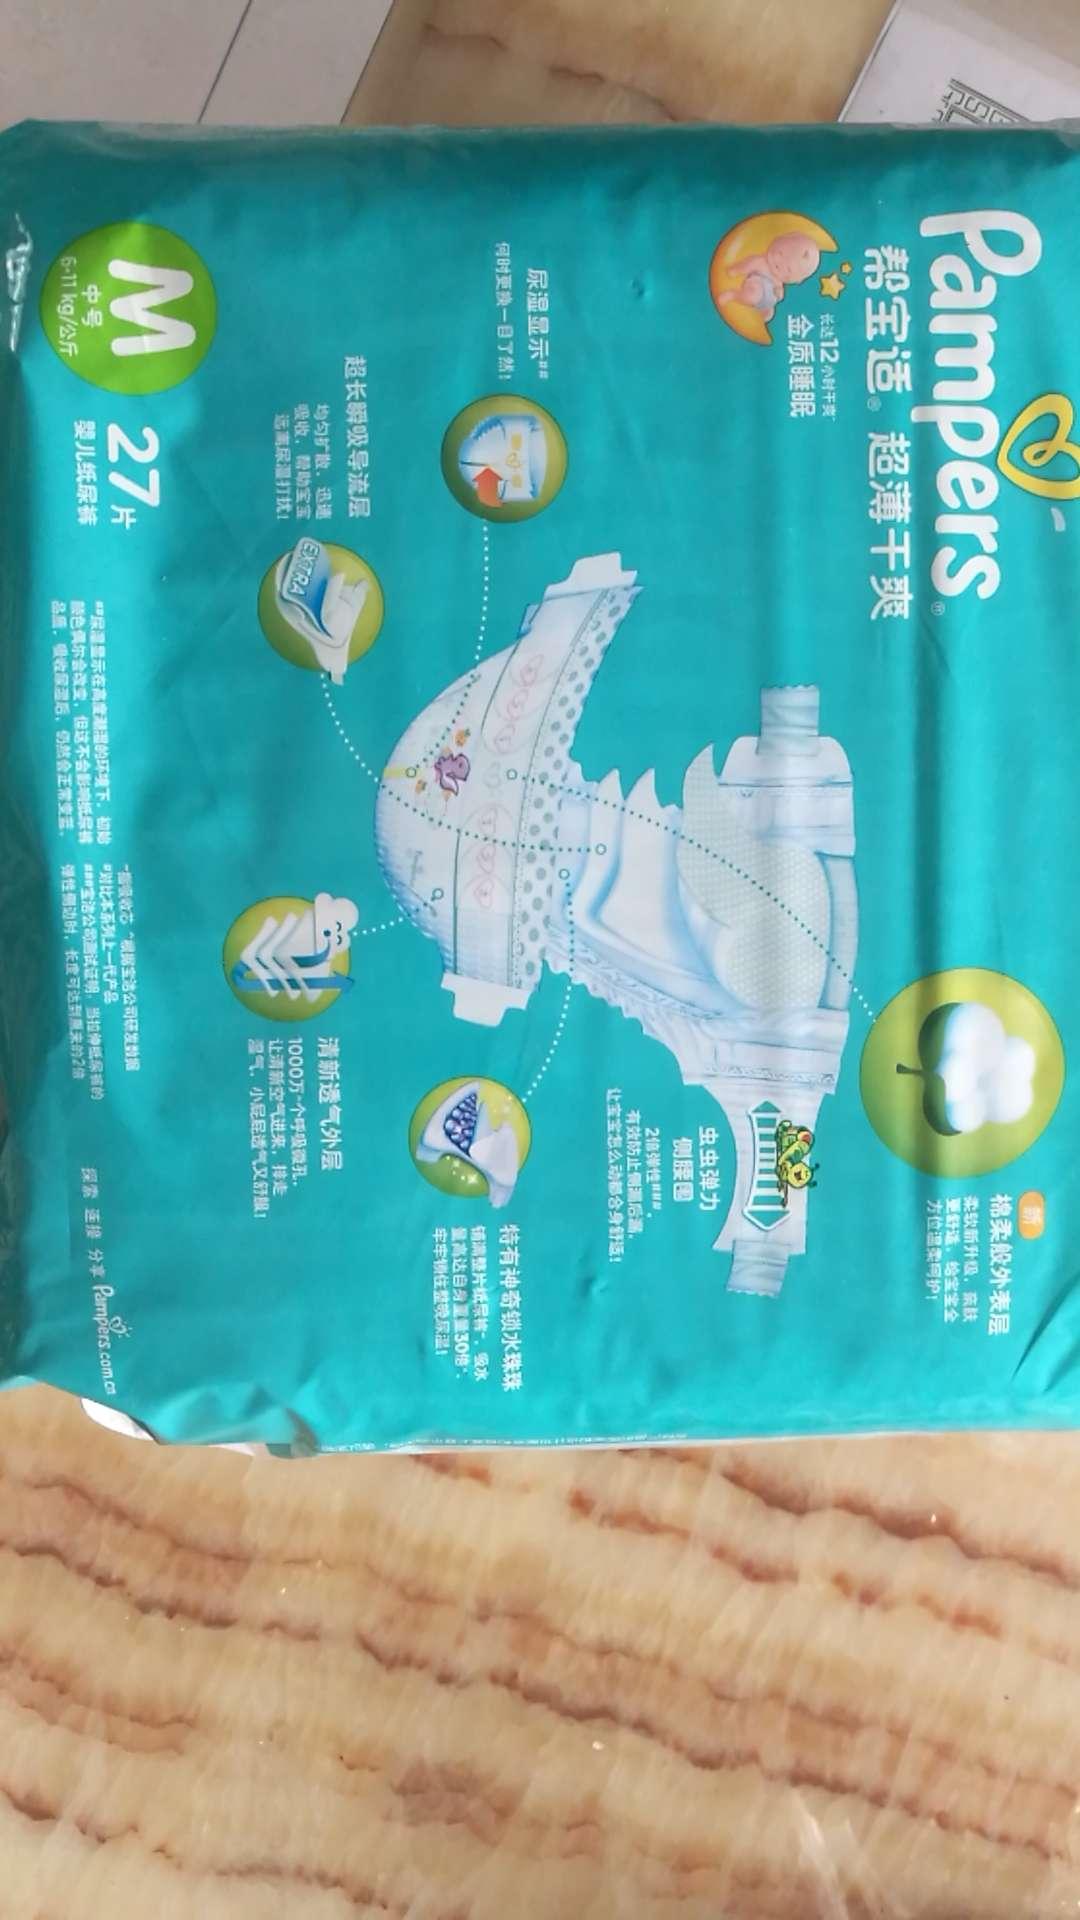 white socks sports direct 00216340 cheapest